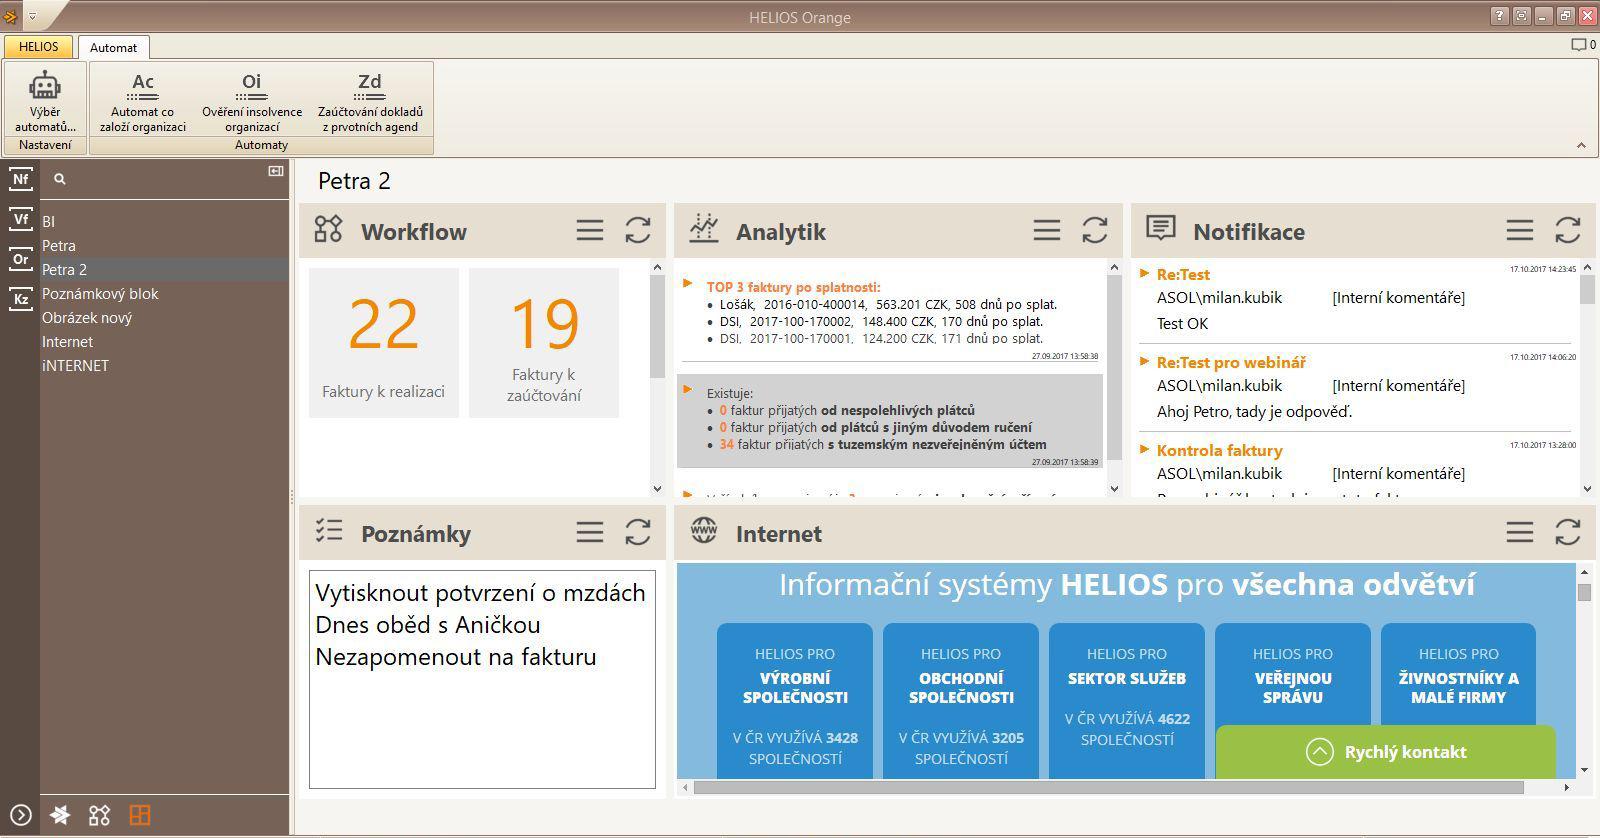 Uživatelské prostředí HELIOS Orange